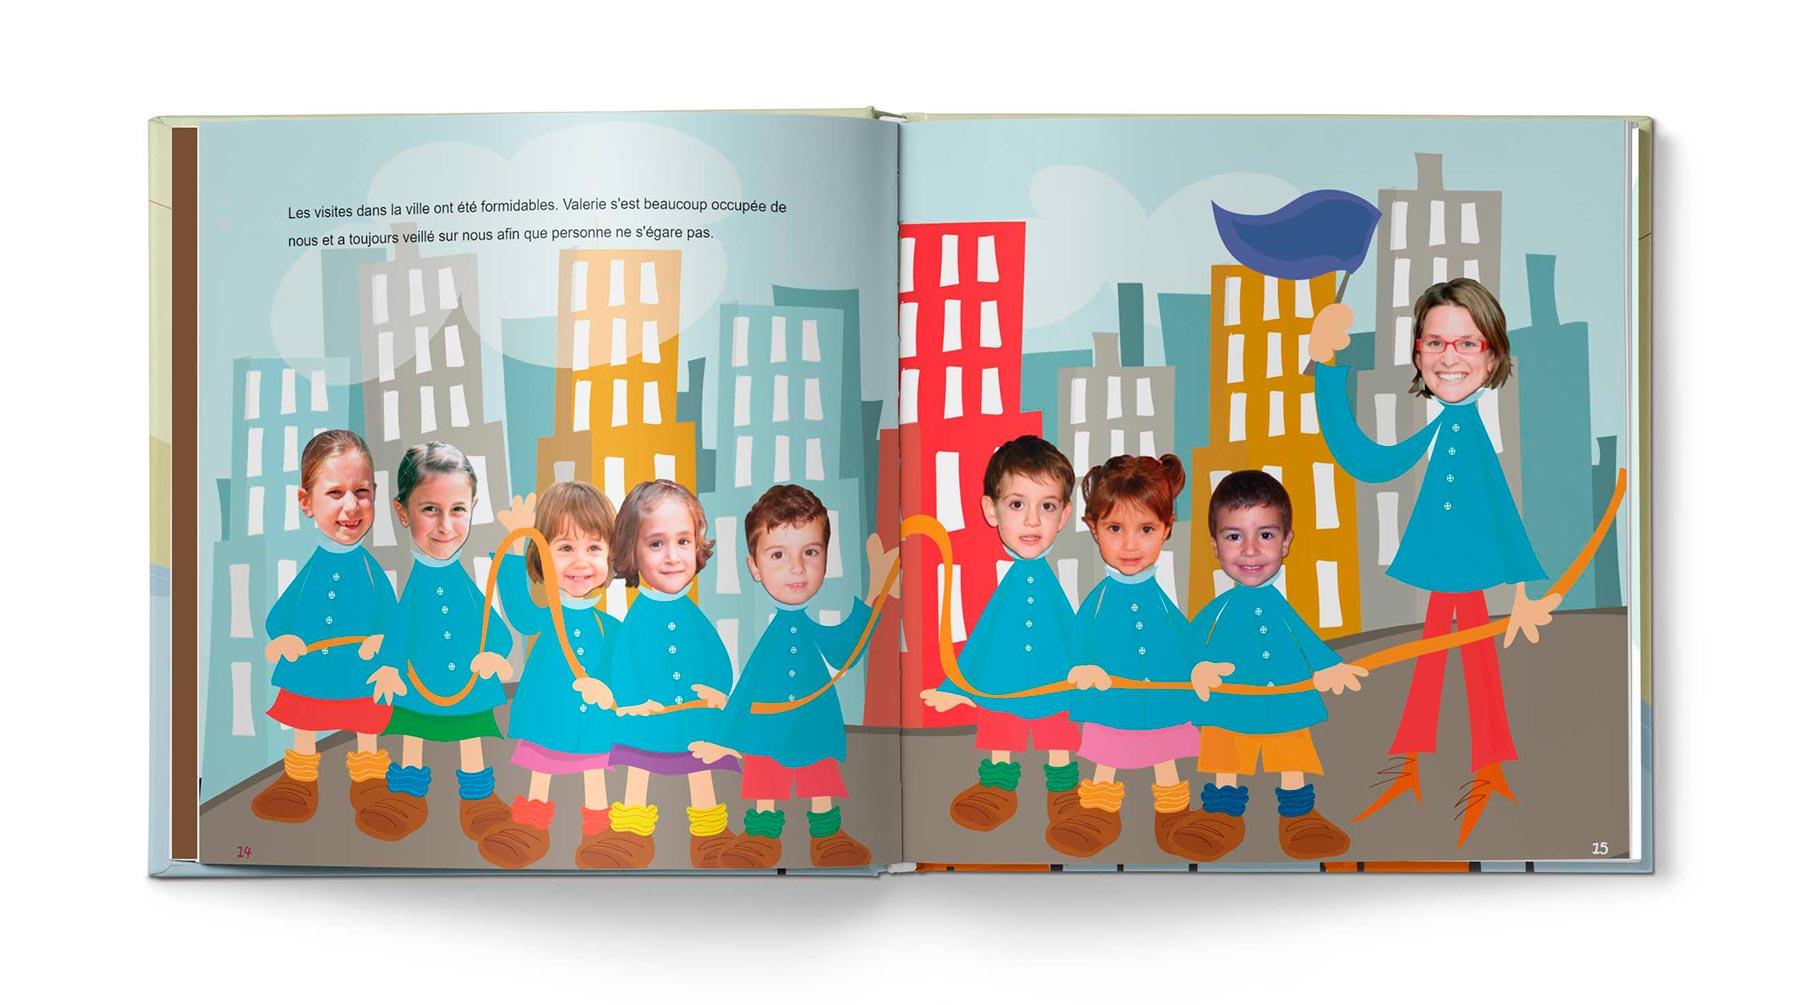 Histoire Le livre d'école - Image 7